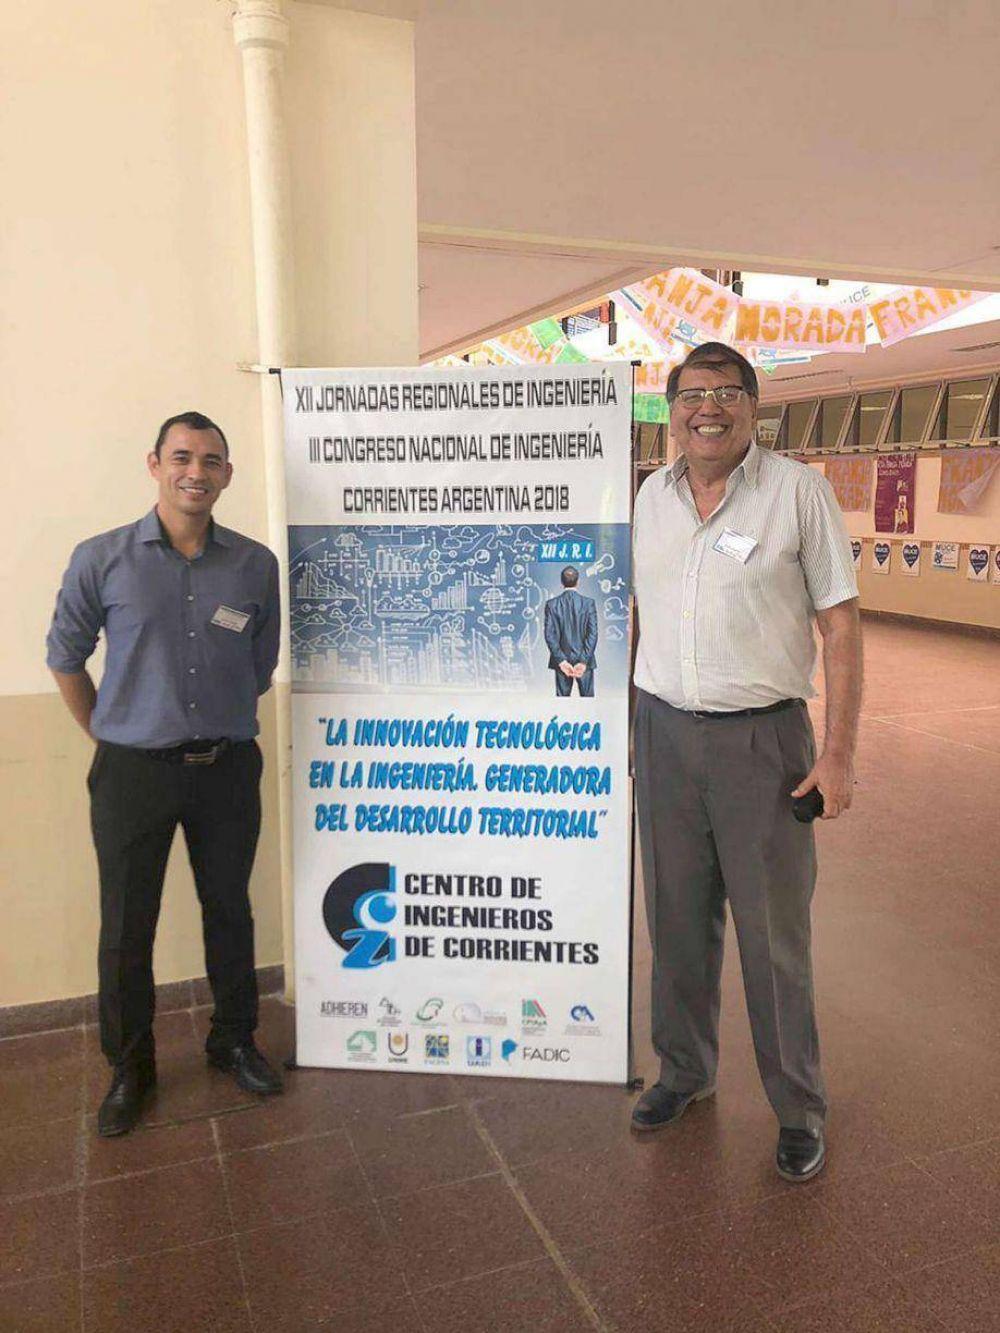 Ingenieros formoseños participaron de jornadas nacionales en Corrientes